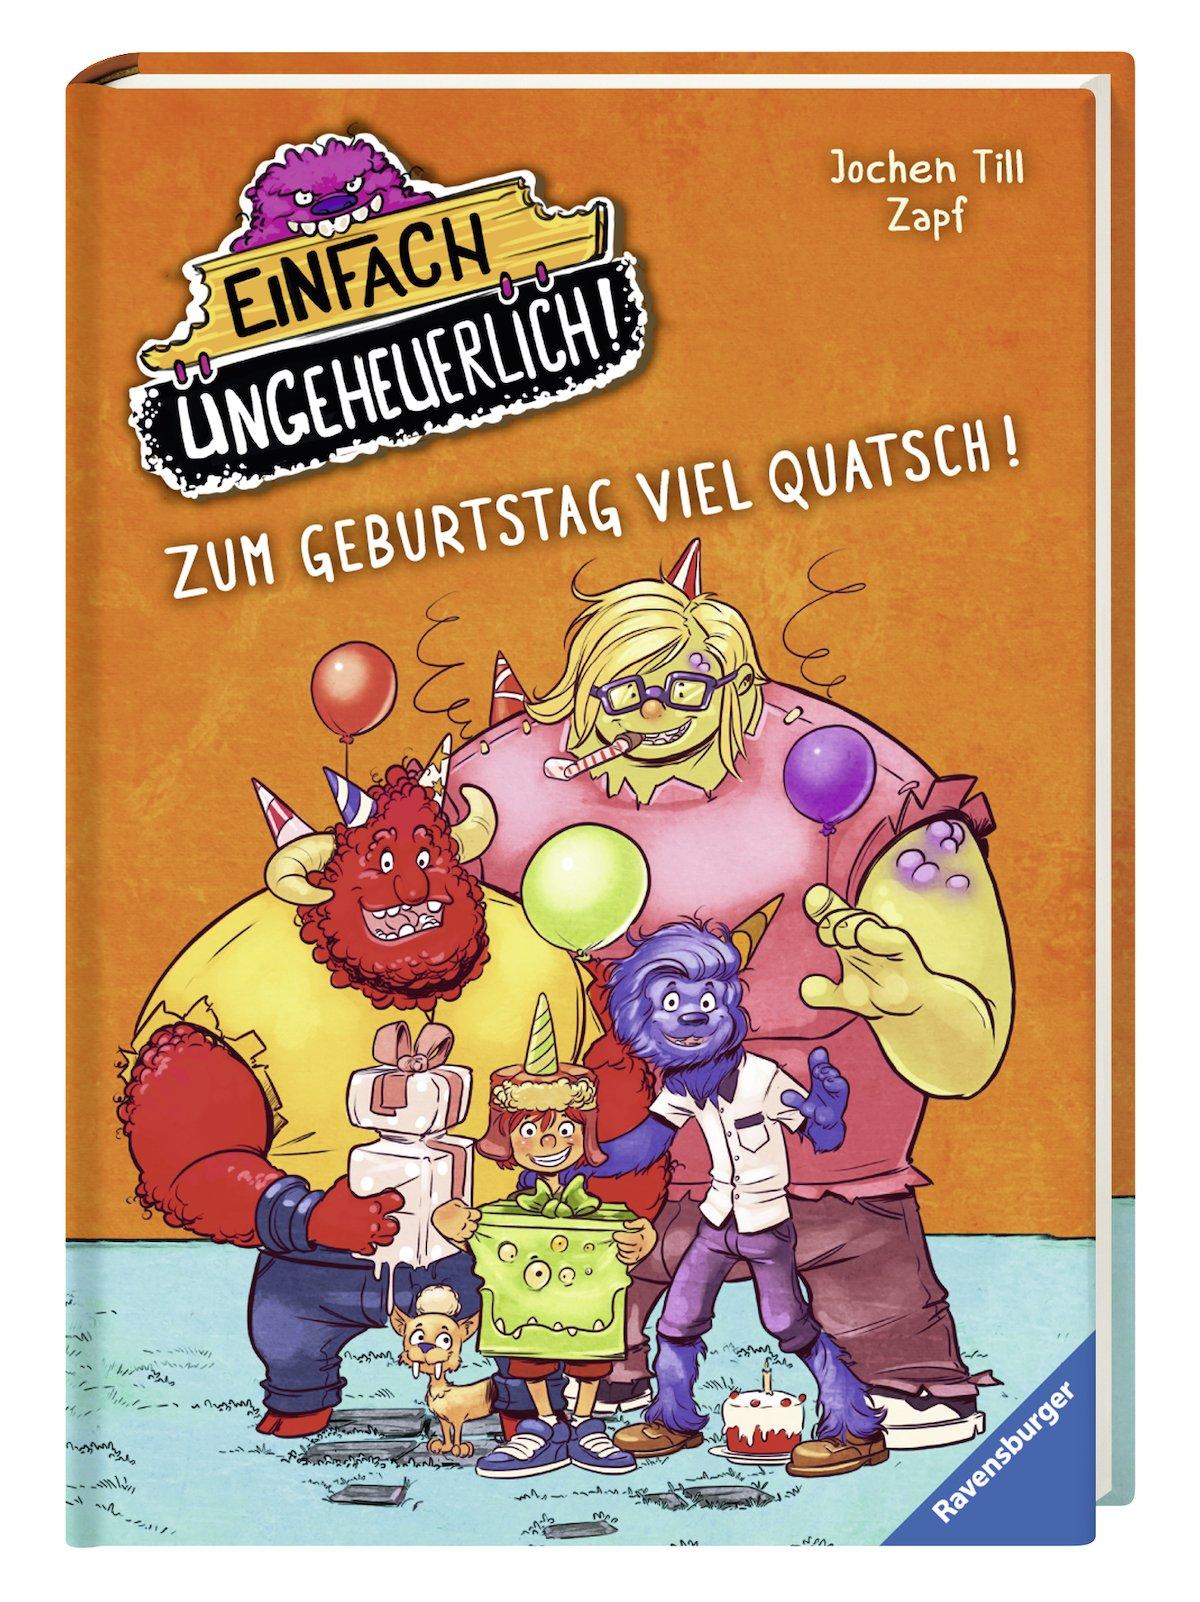 Zum Geburtstag Viel Quatsch Amazon Co Uk Jochen Till Zapf